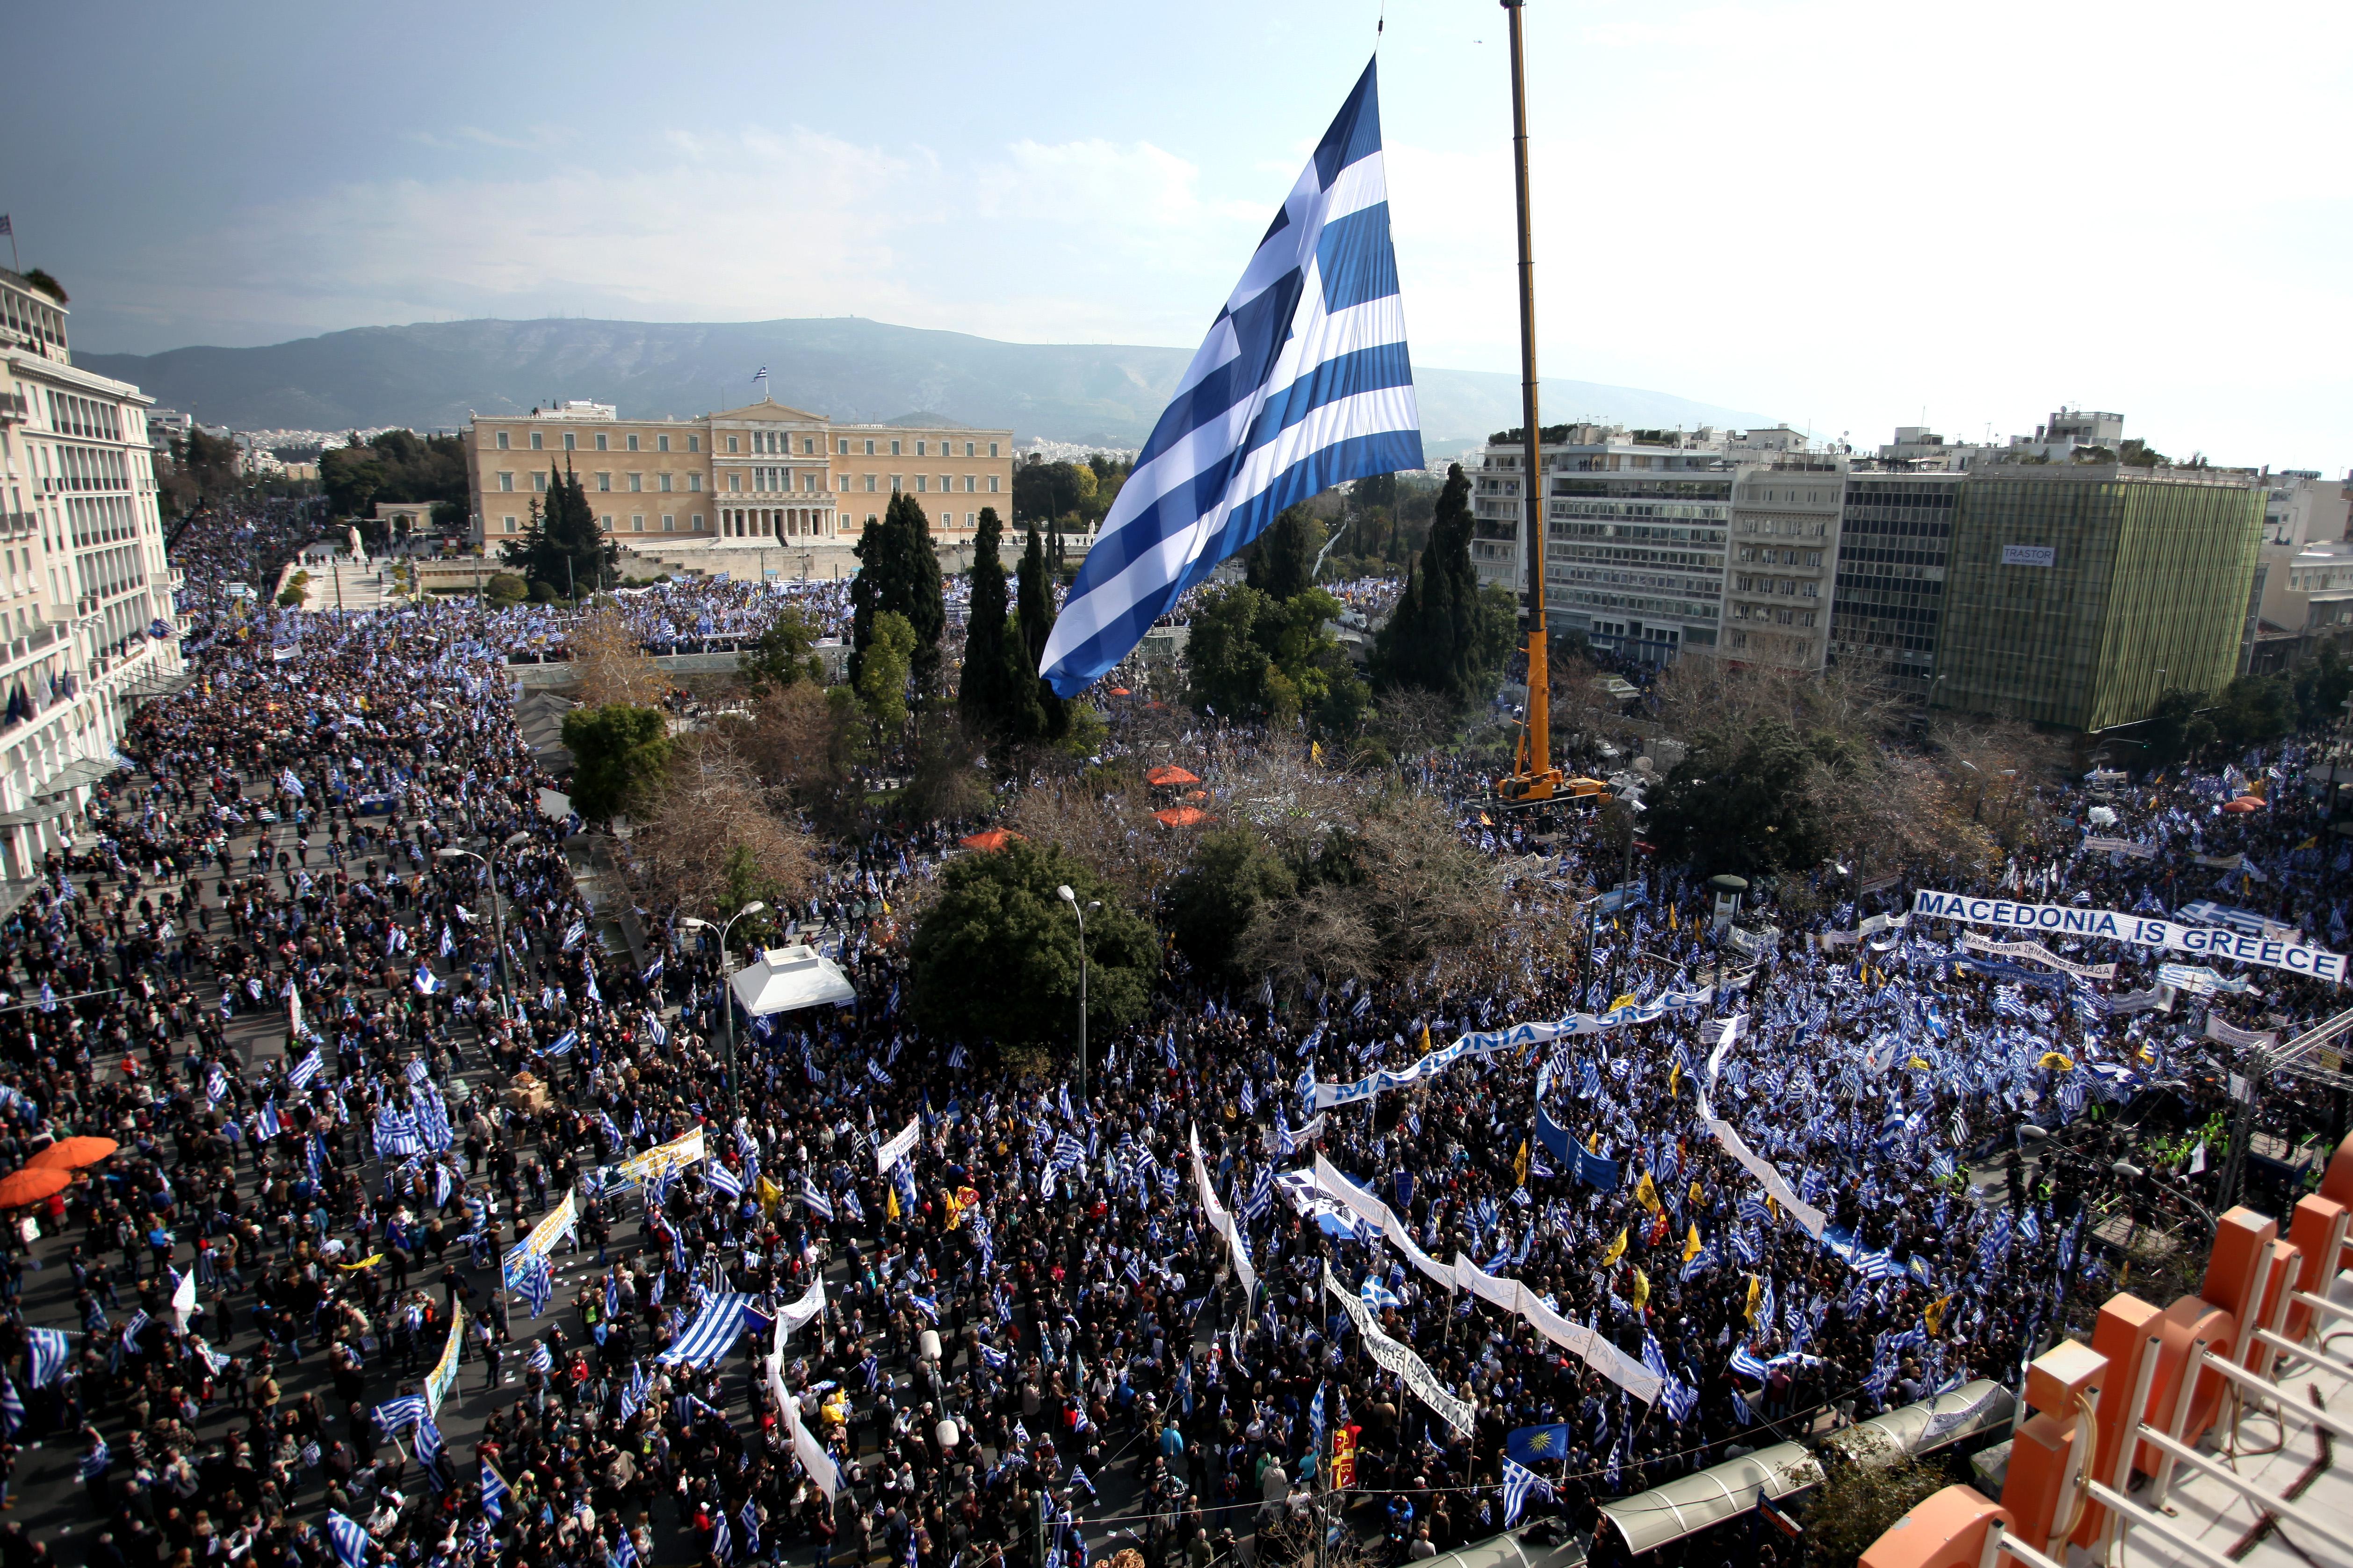 Több mint 100 ezren tüntettek Athénban, hogy a görög kormány ne engedjen Macedóniának a névvitában